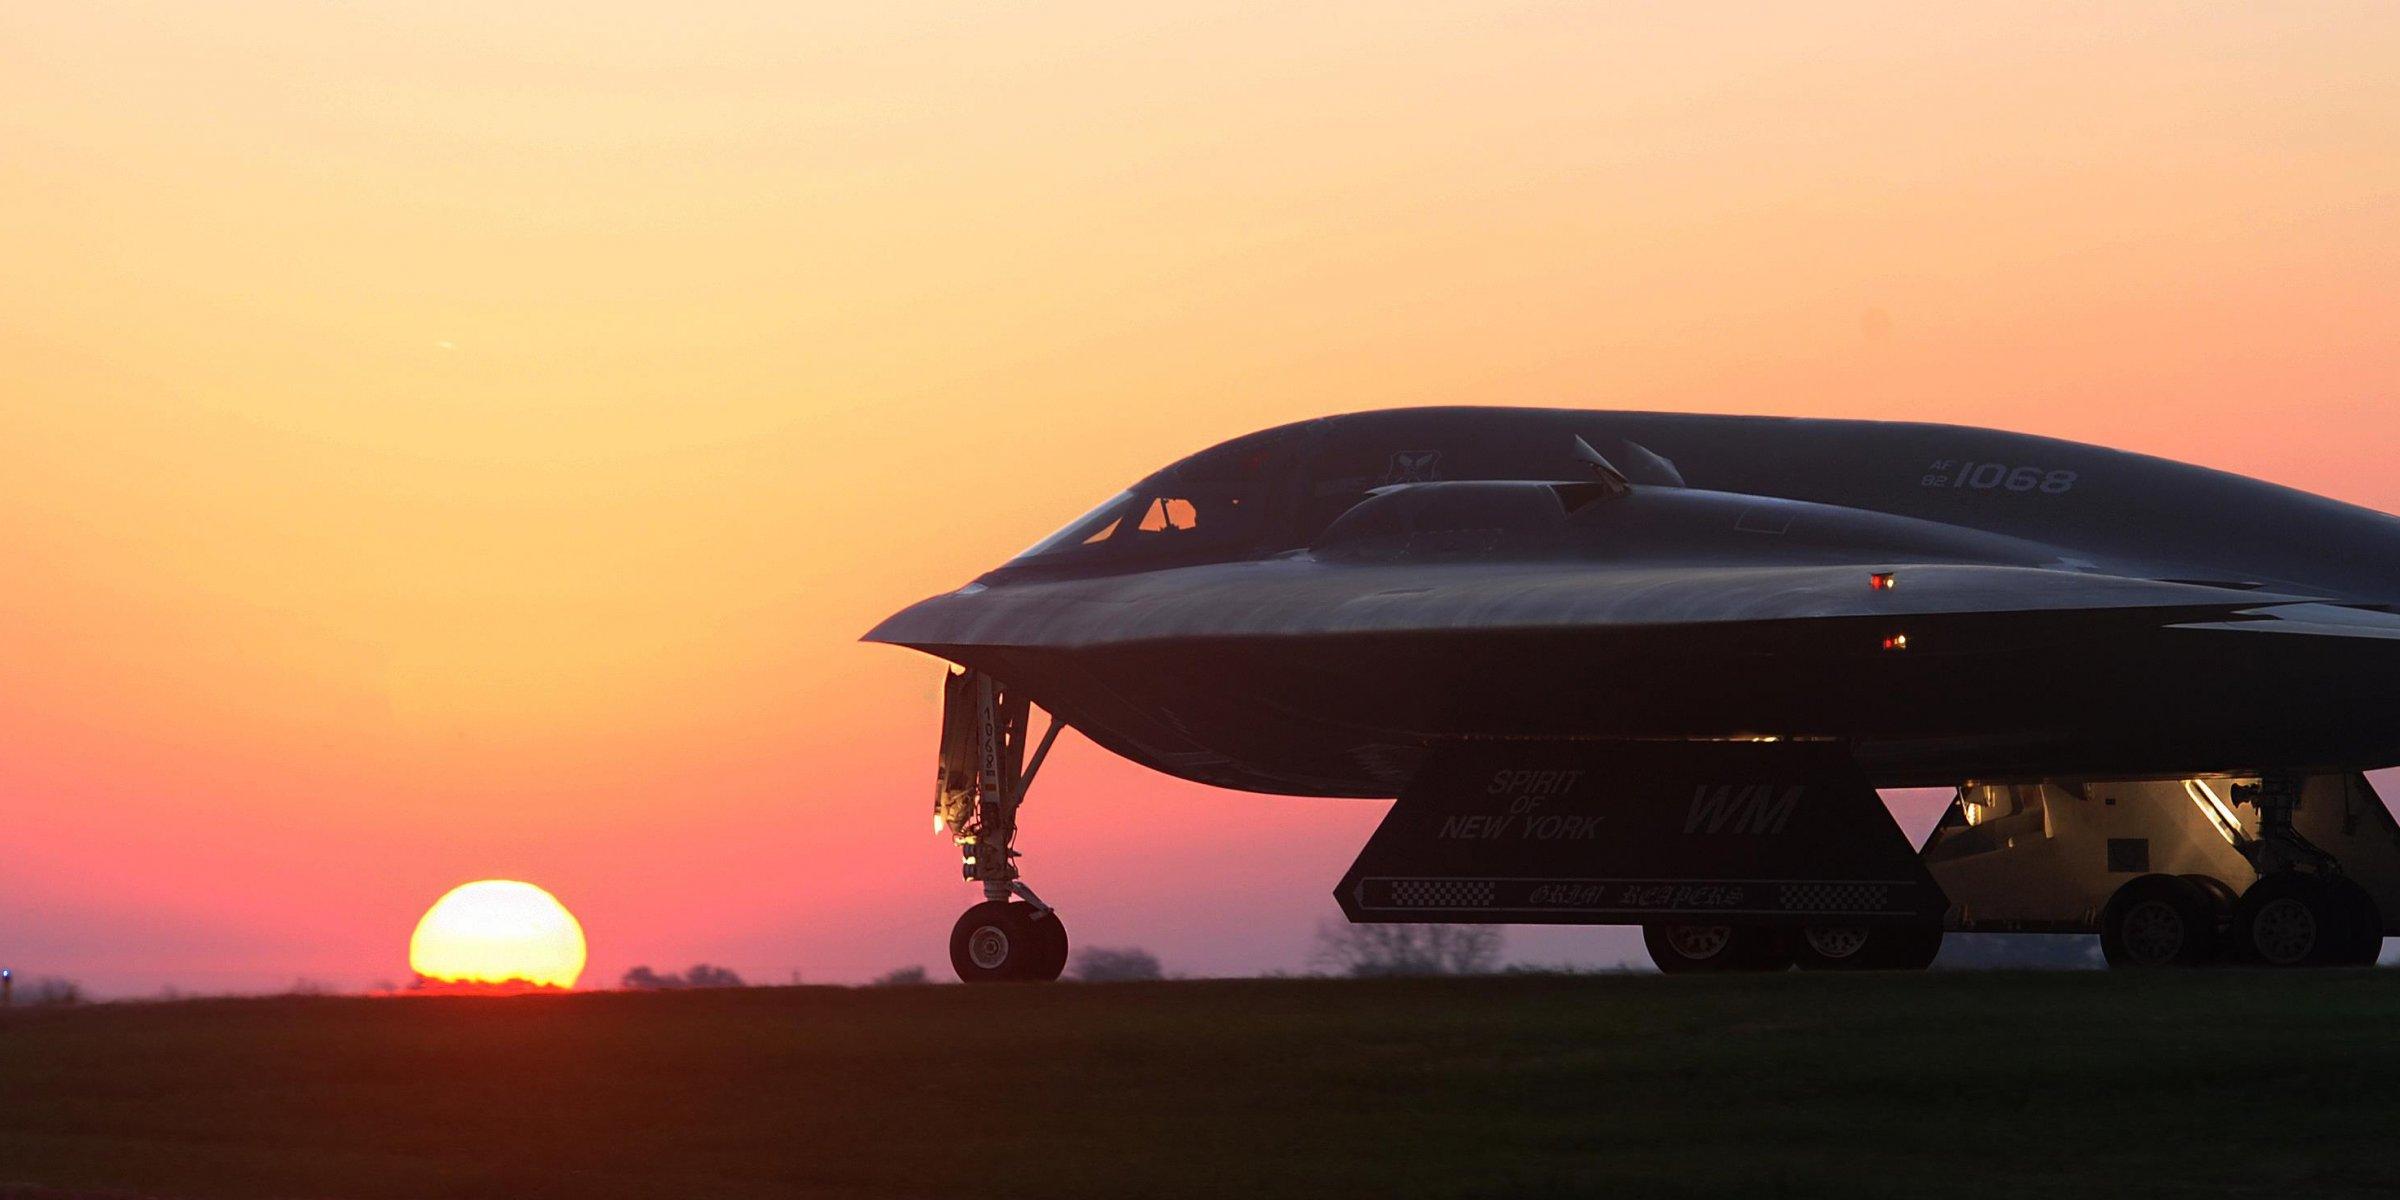 Τα βομβαρδιστικά των ΗΠΑ στο Γκουάμ φαίνεται να προετοιμάζονται μυστικά για πυρηνικό κτύπημα στη Βόρεια Κορέα. - Εικόνα1